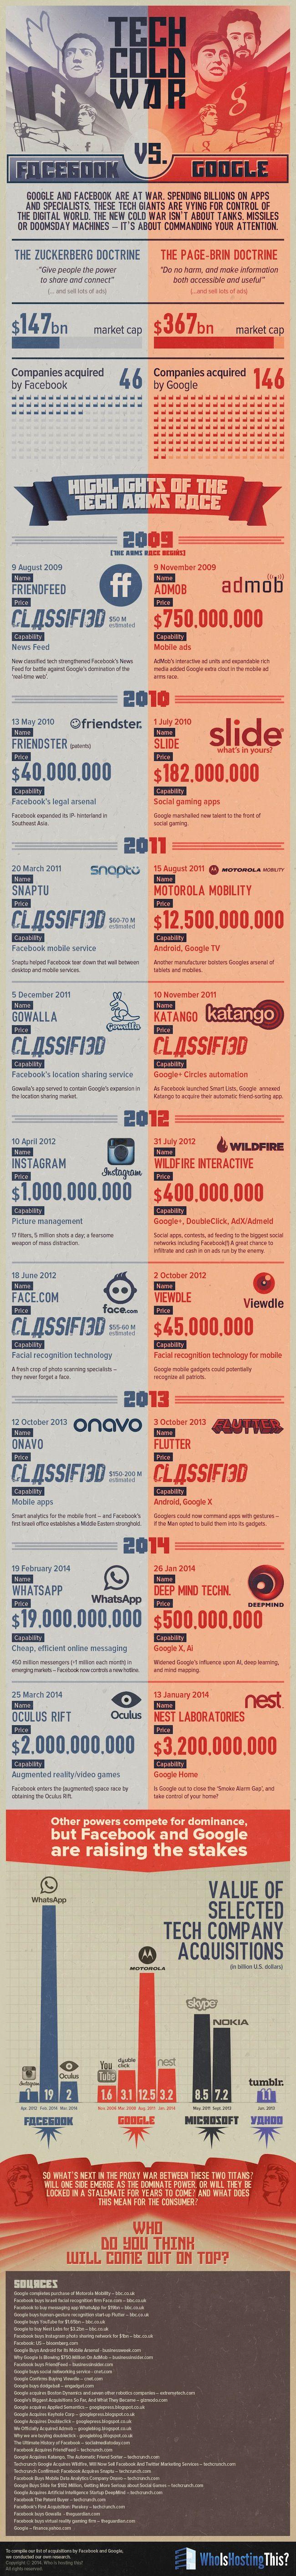 Acquisitions de startups: la guerre Facebook/Google de 2009 à aujourd'hui - FrenchWeb.fr